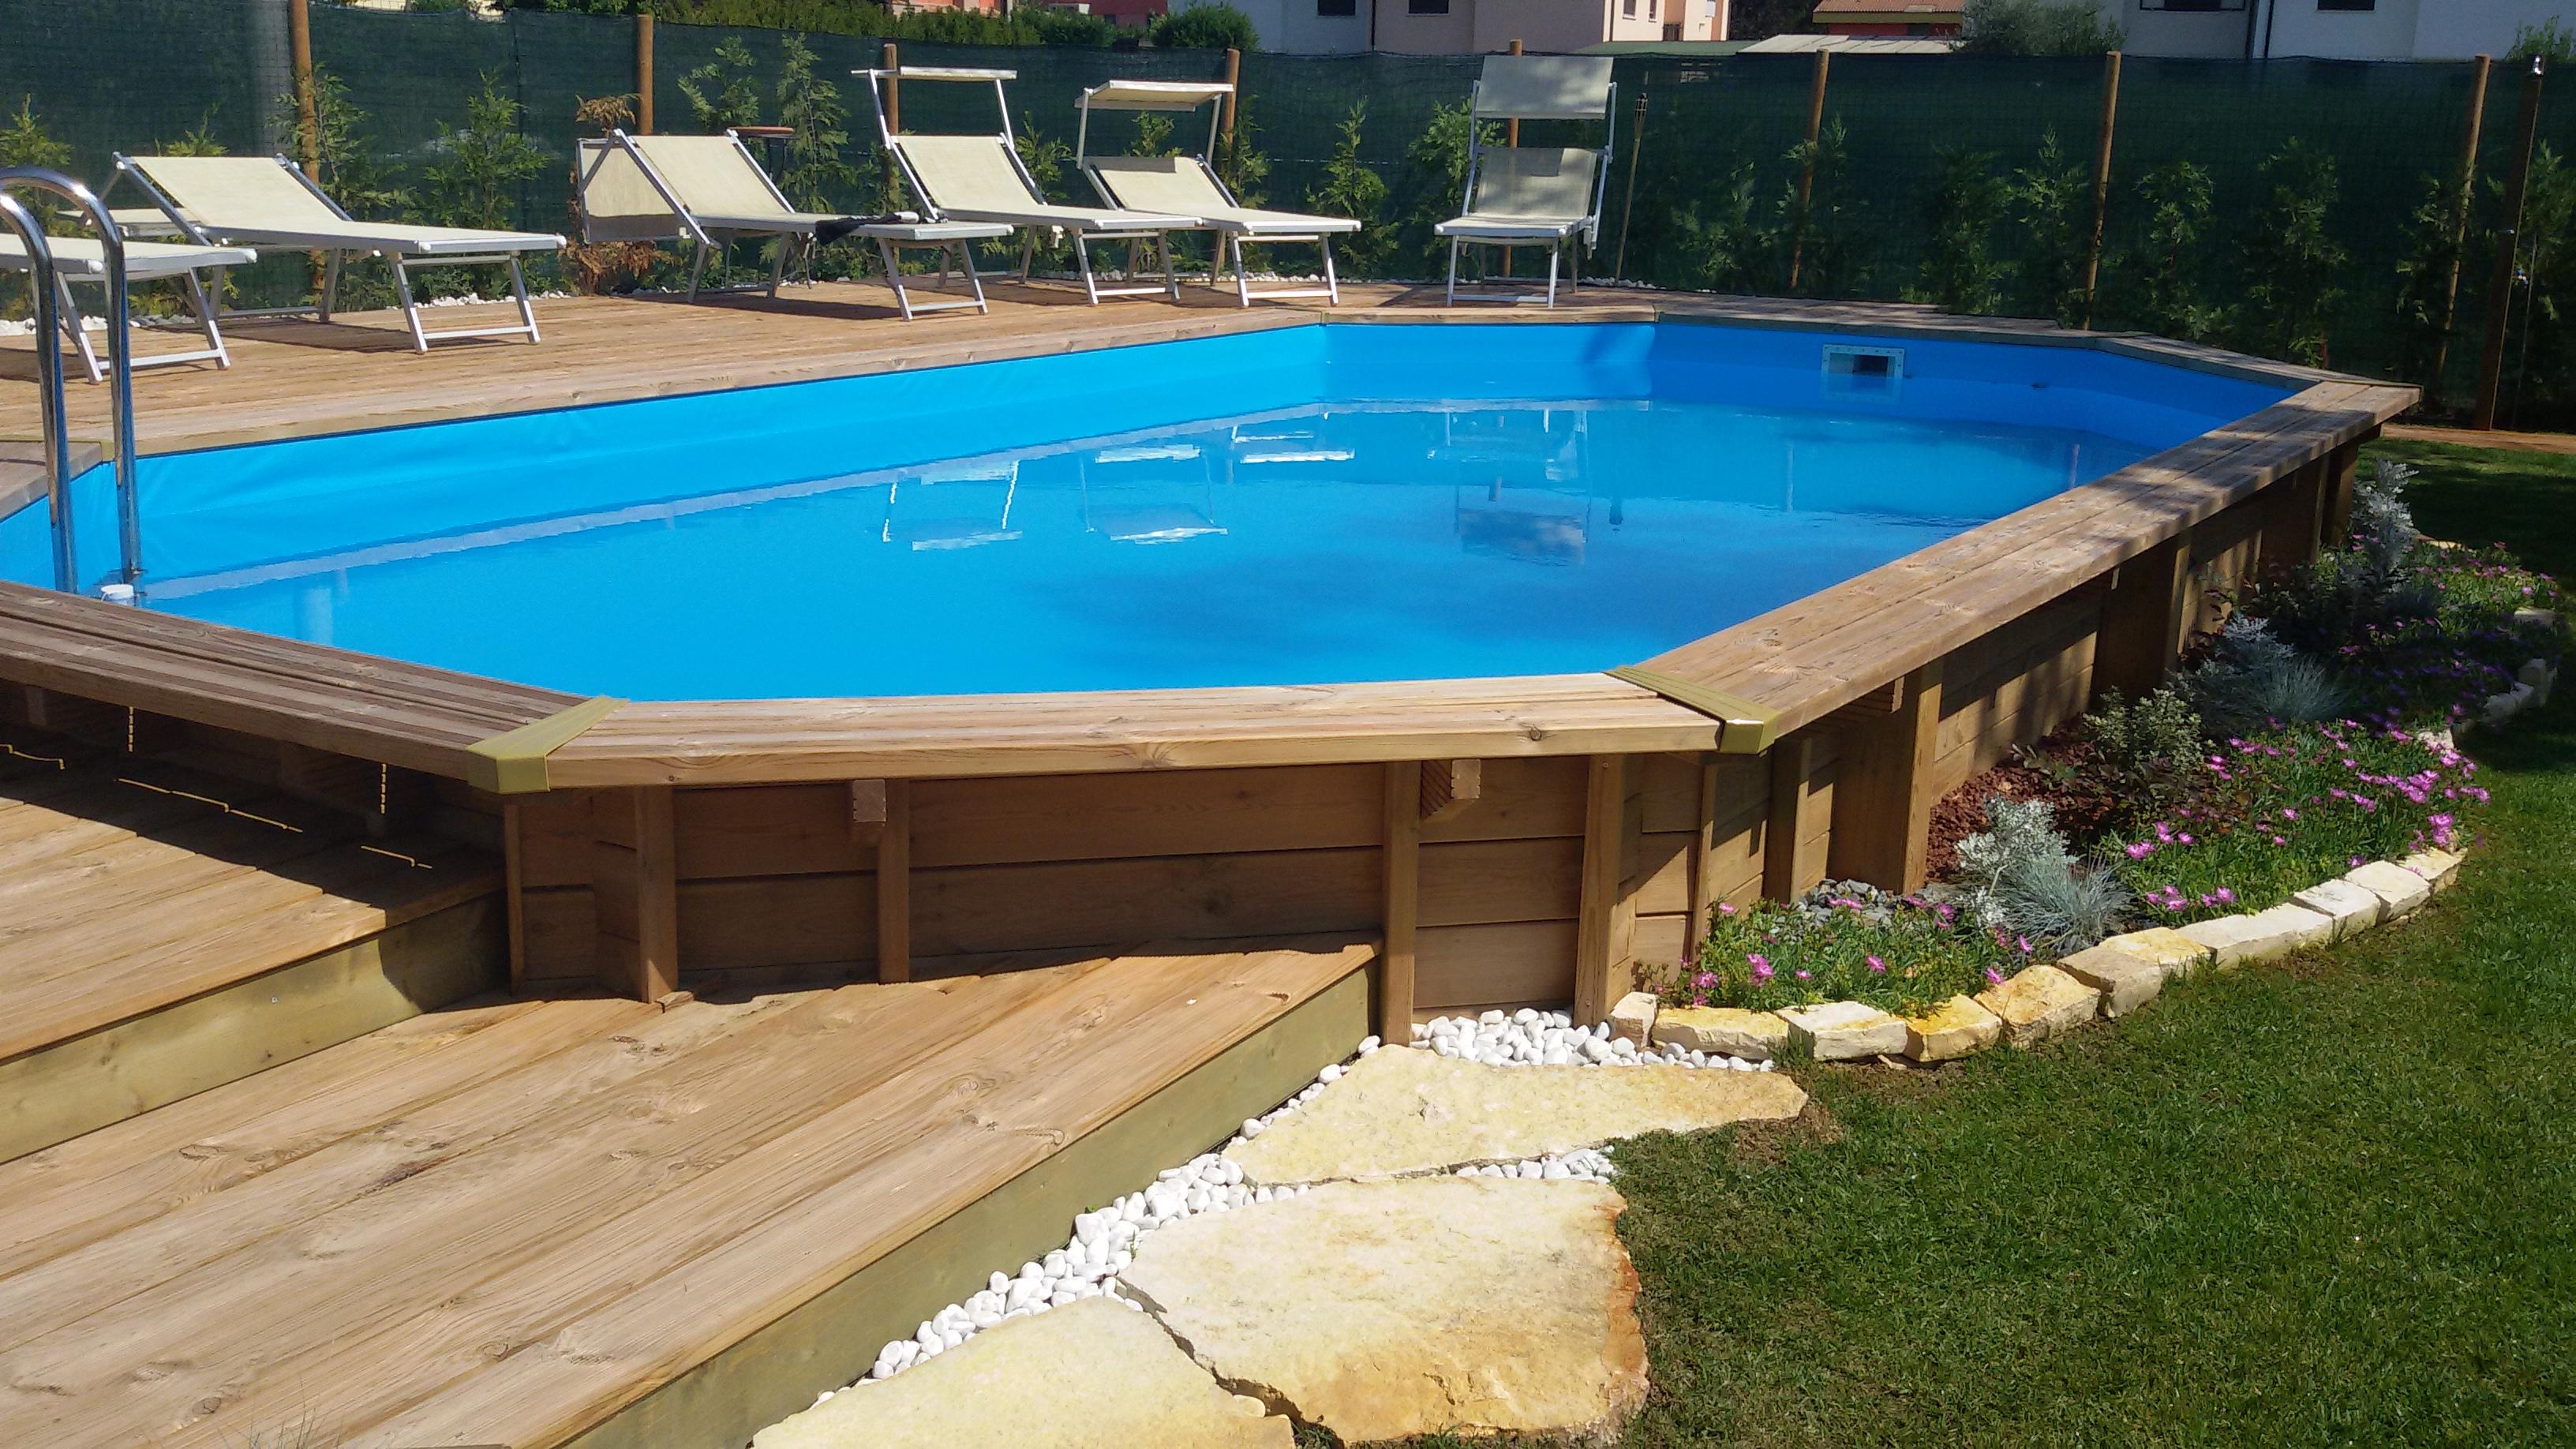 Alloggio e affittacamere con piscina Ca' Borgo delle Rane